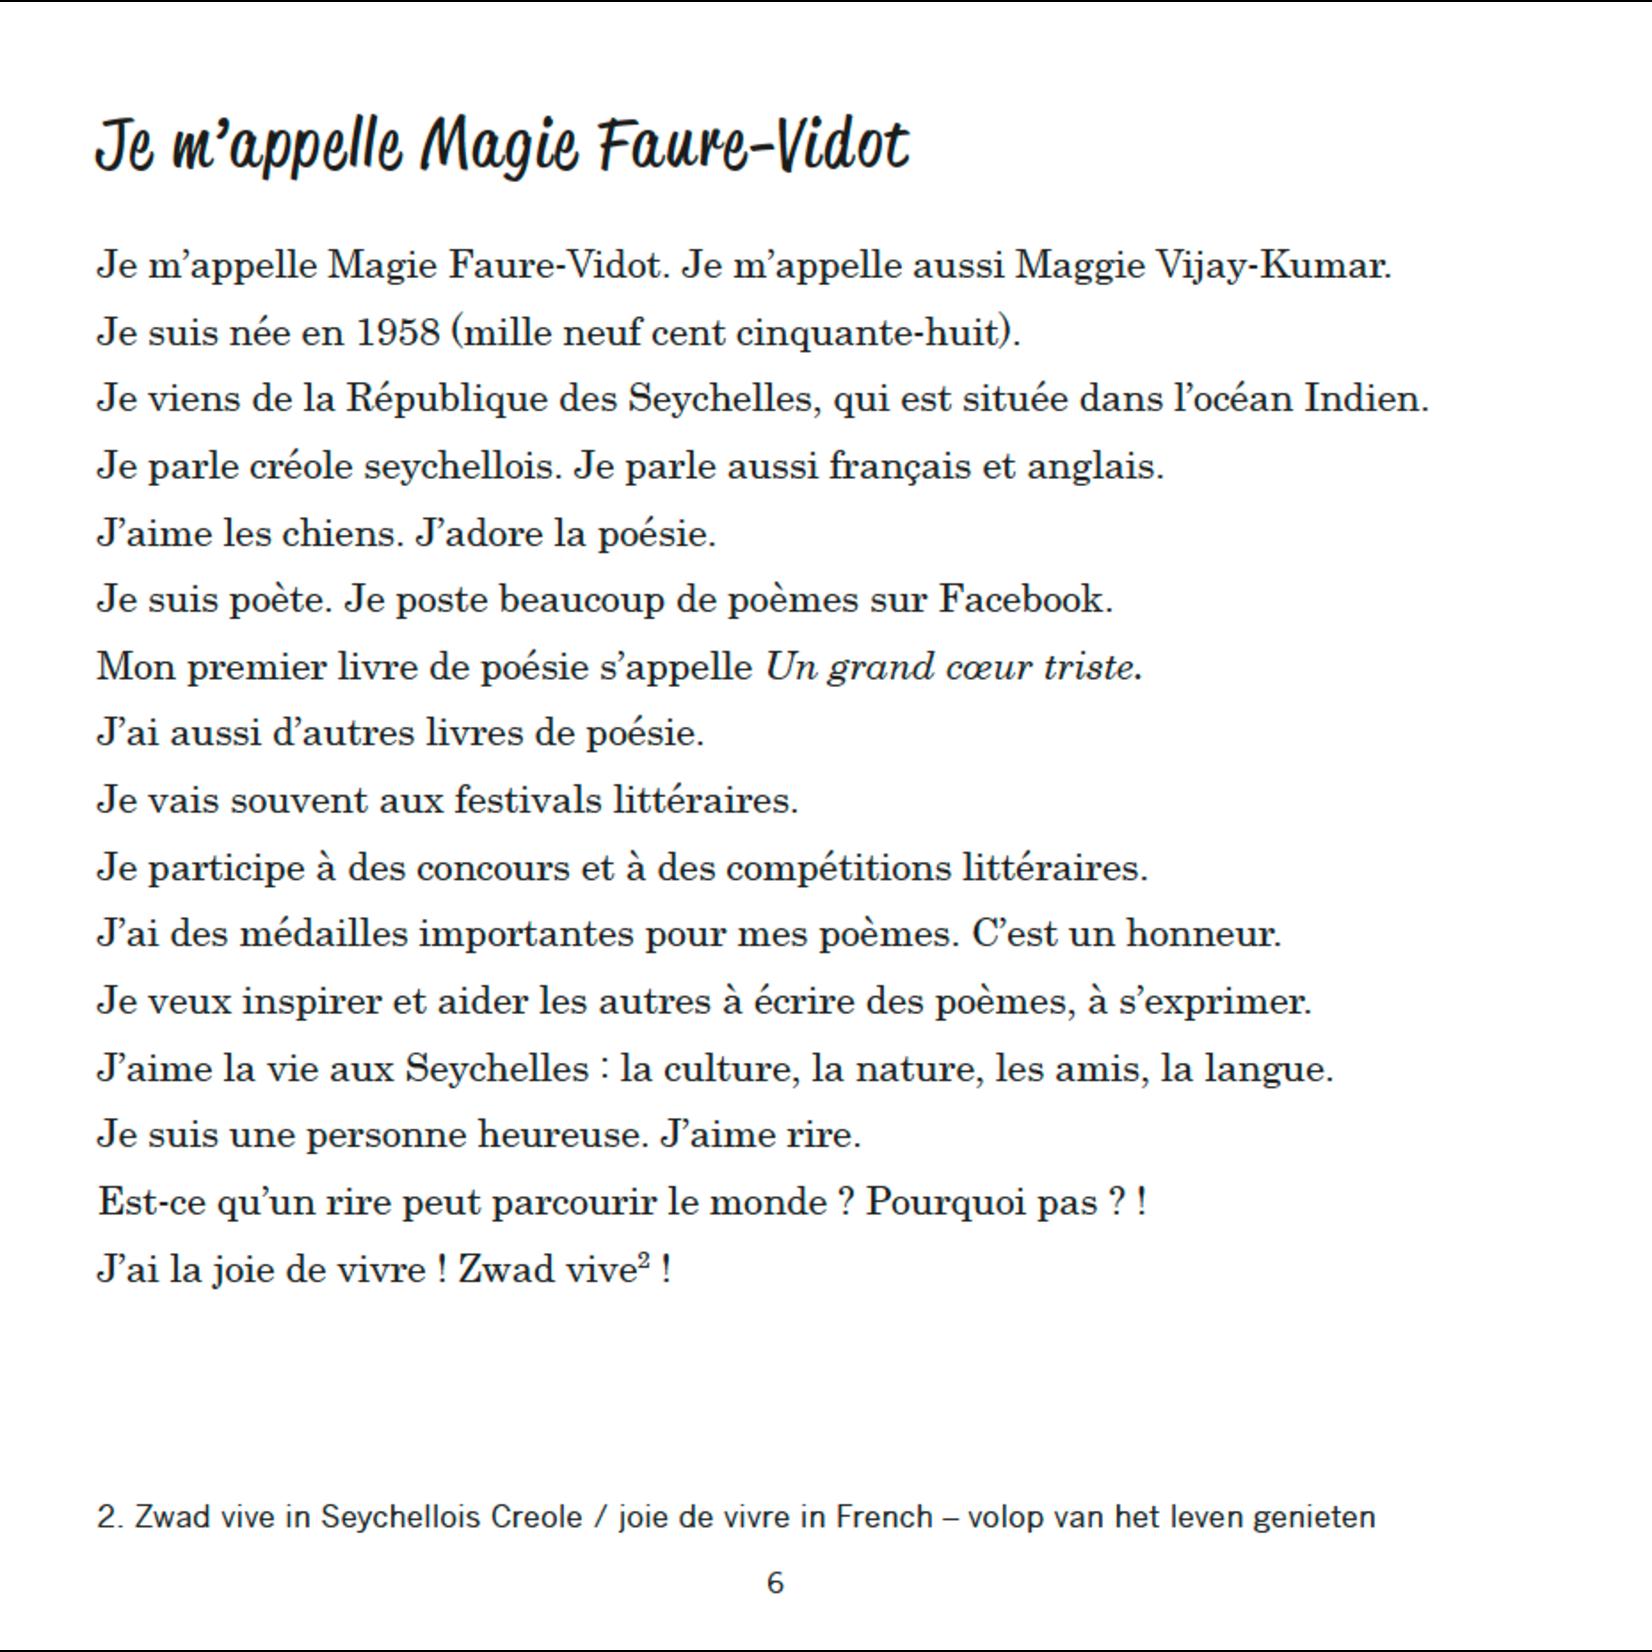 Arcos Publishers Qui parle français ? Deel 2 (French-Dutch)